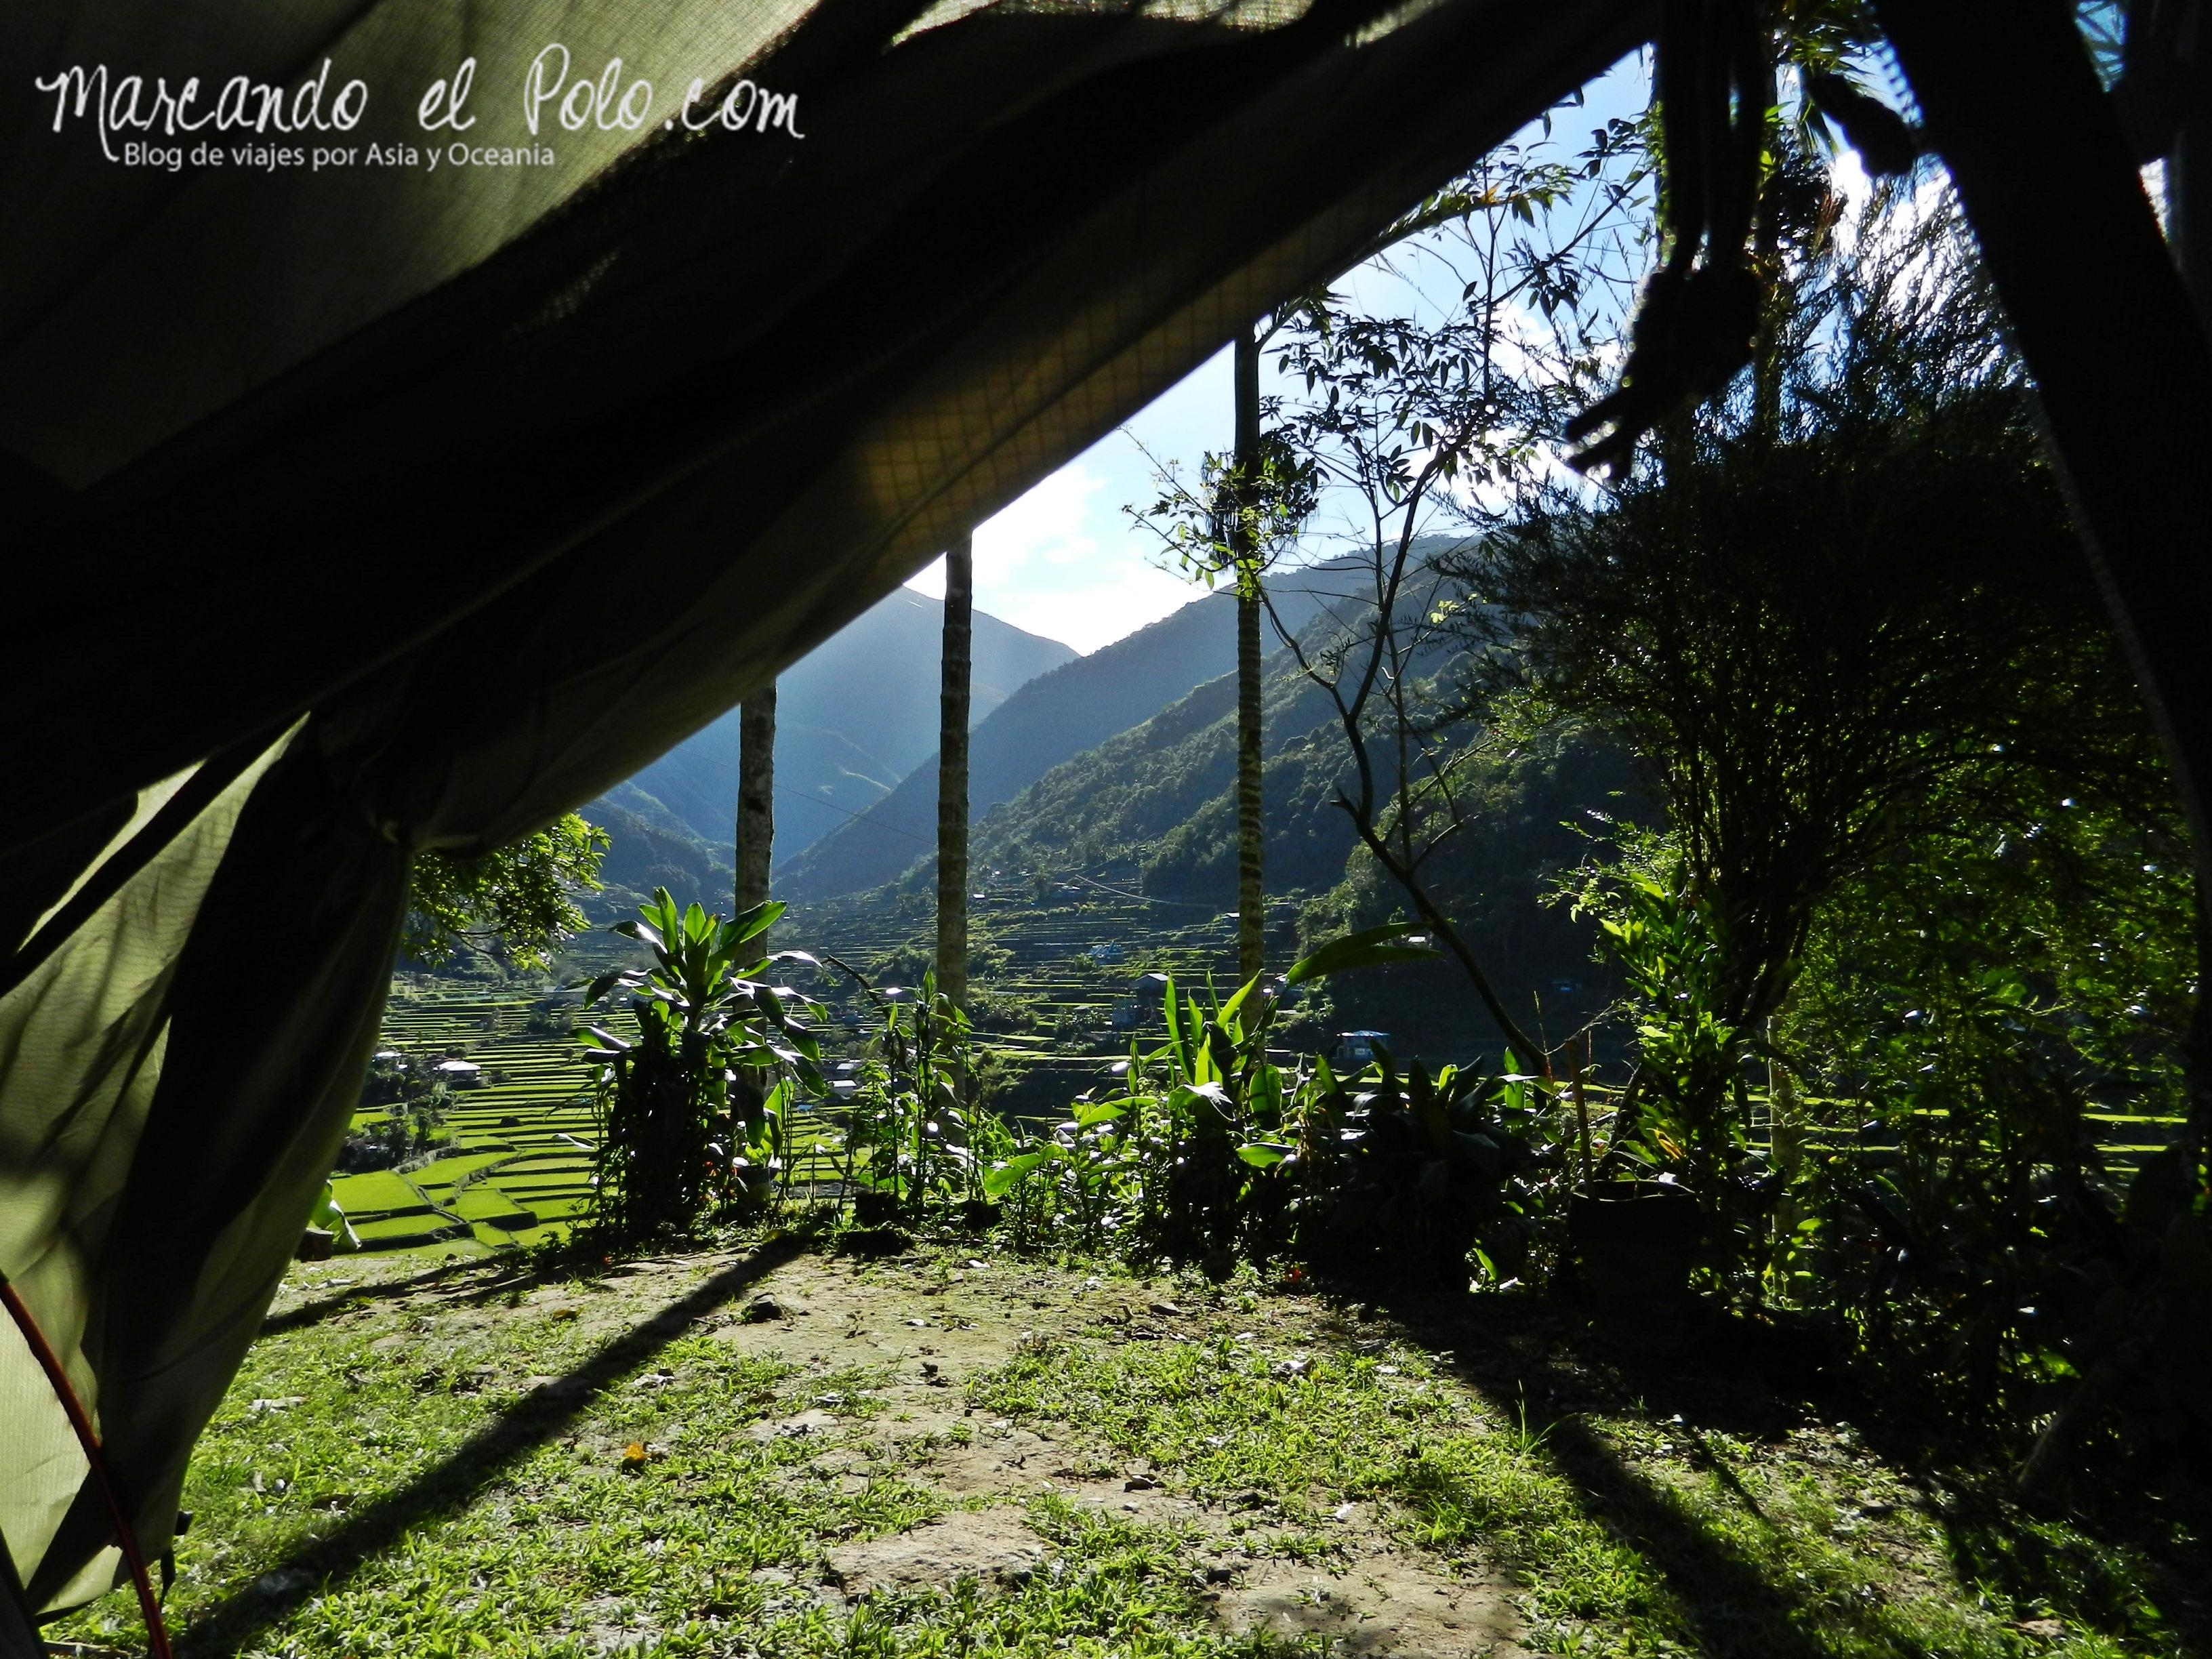 Terrazas de arroz en Filipinas: Vista desde la carpa en Hapao